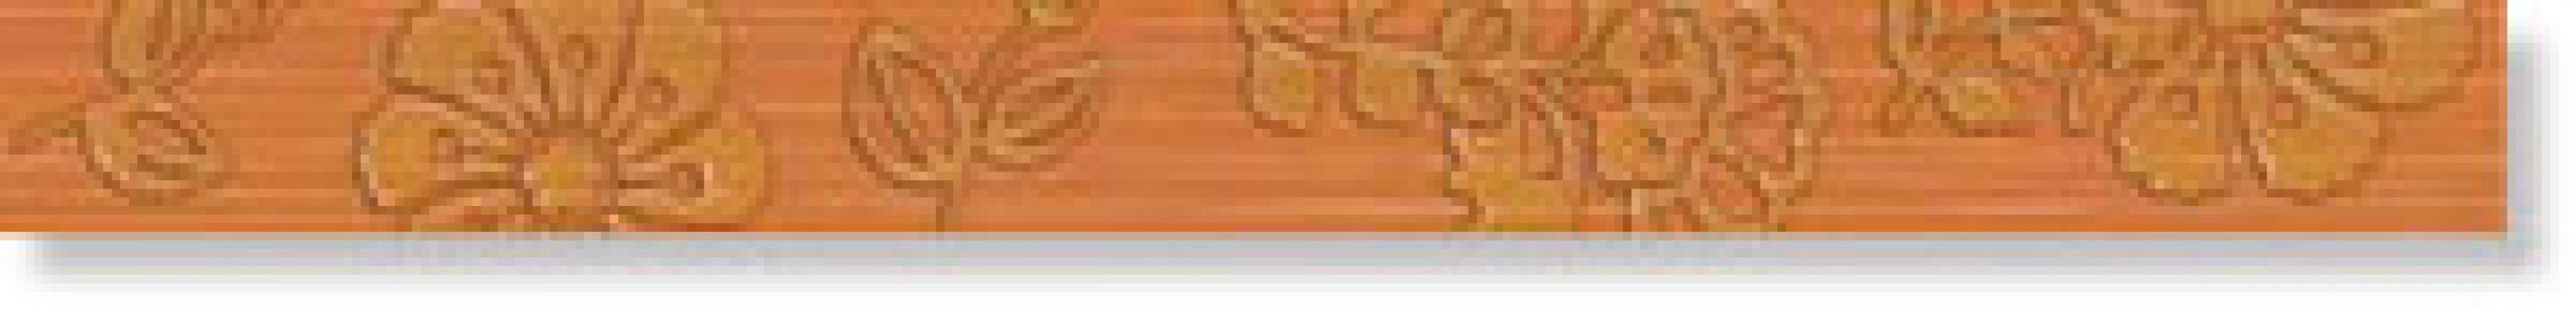 Бордюр Irvine Orange 4x45